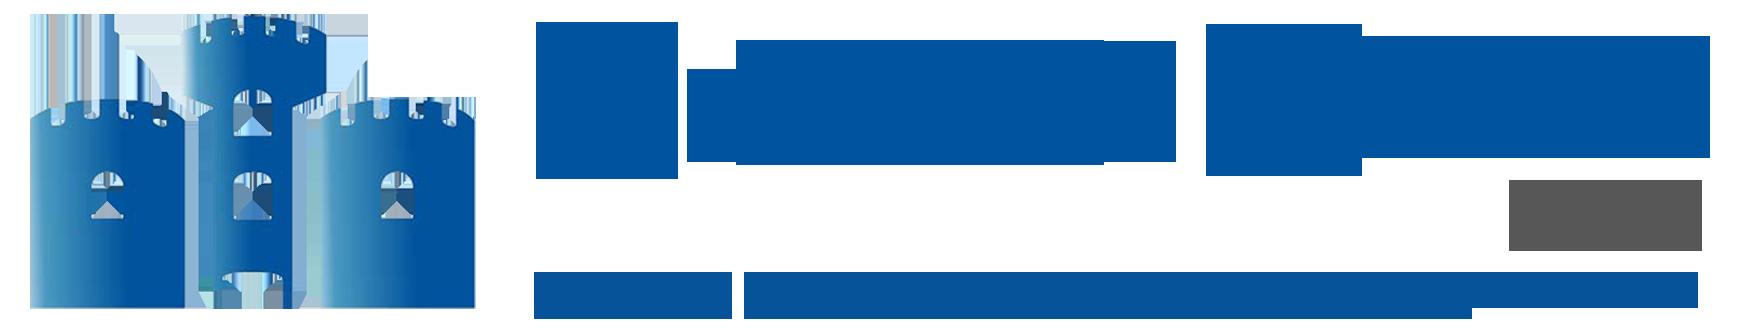 CastleRock_Landscape_Logo_with_tagline.png